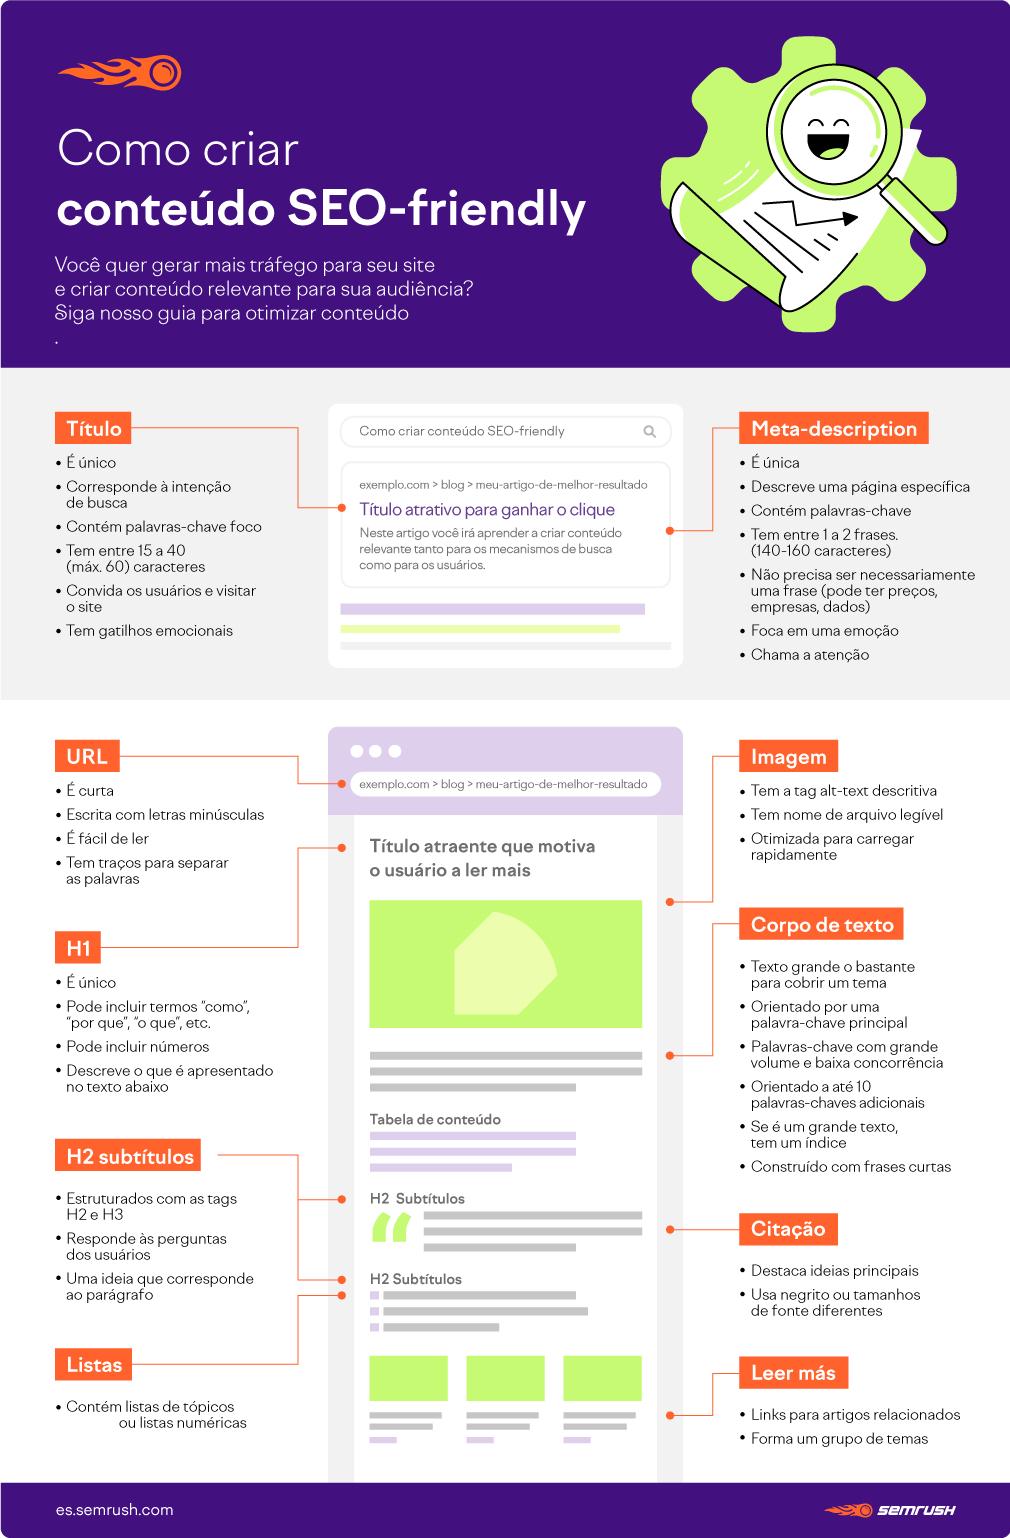 Como criar conteúdo otimizado para SEO